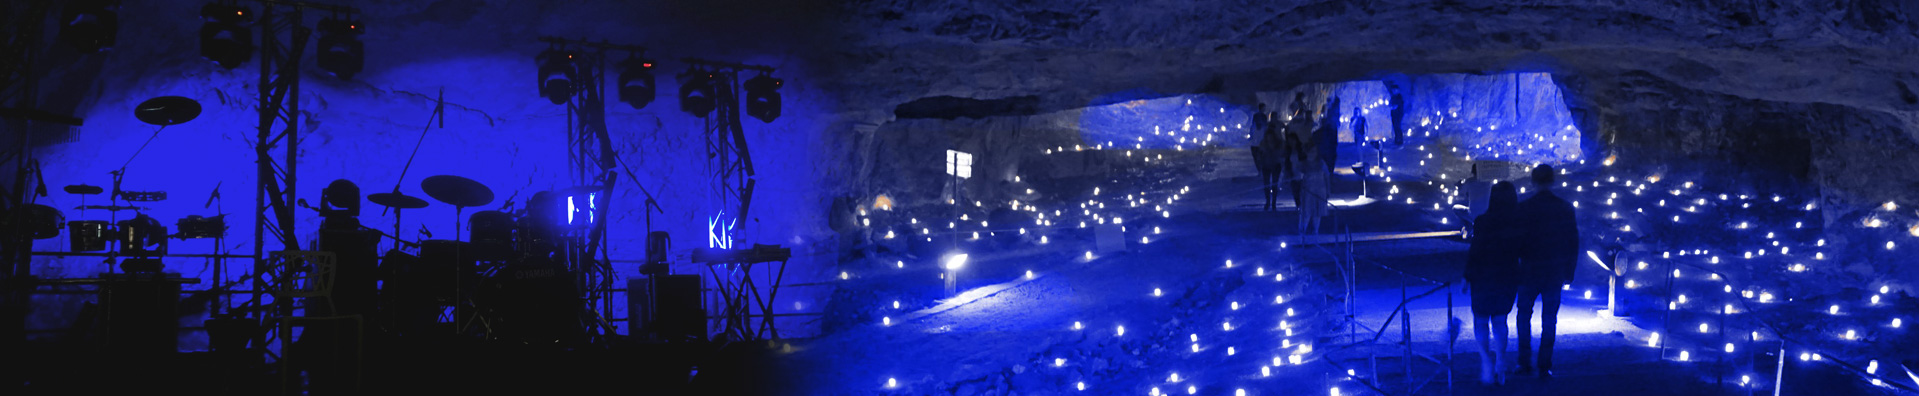 Grotte de Sédécias